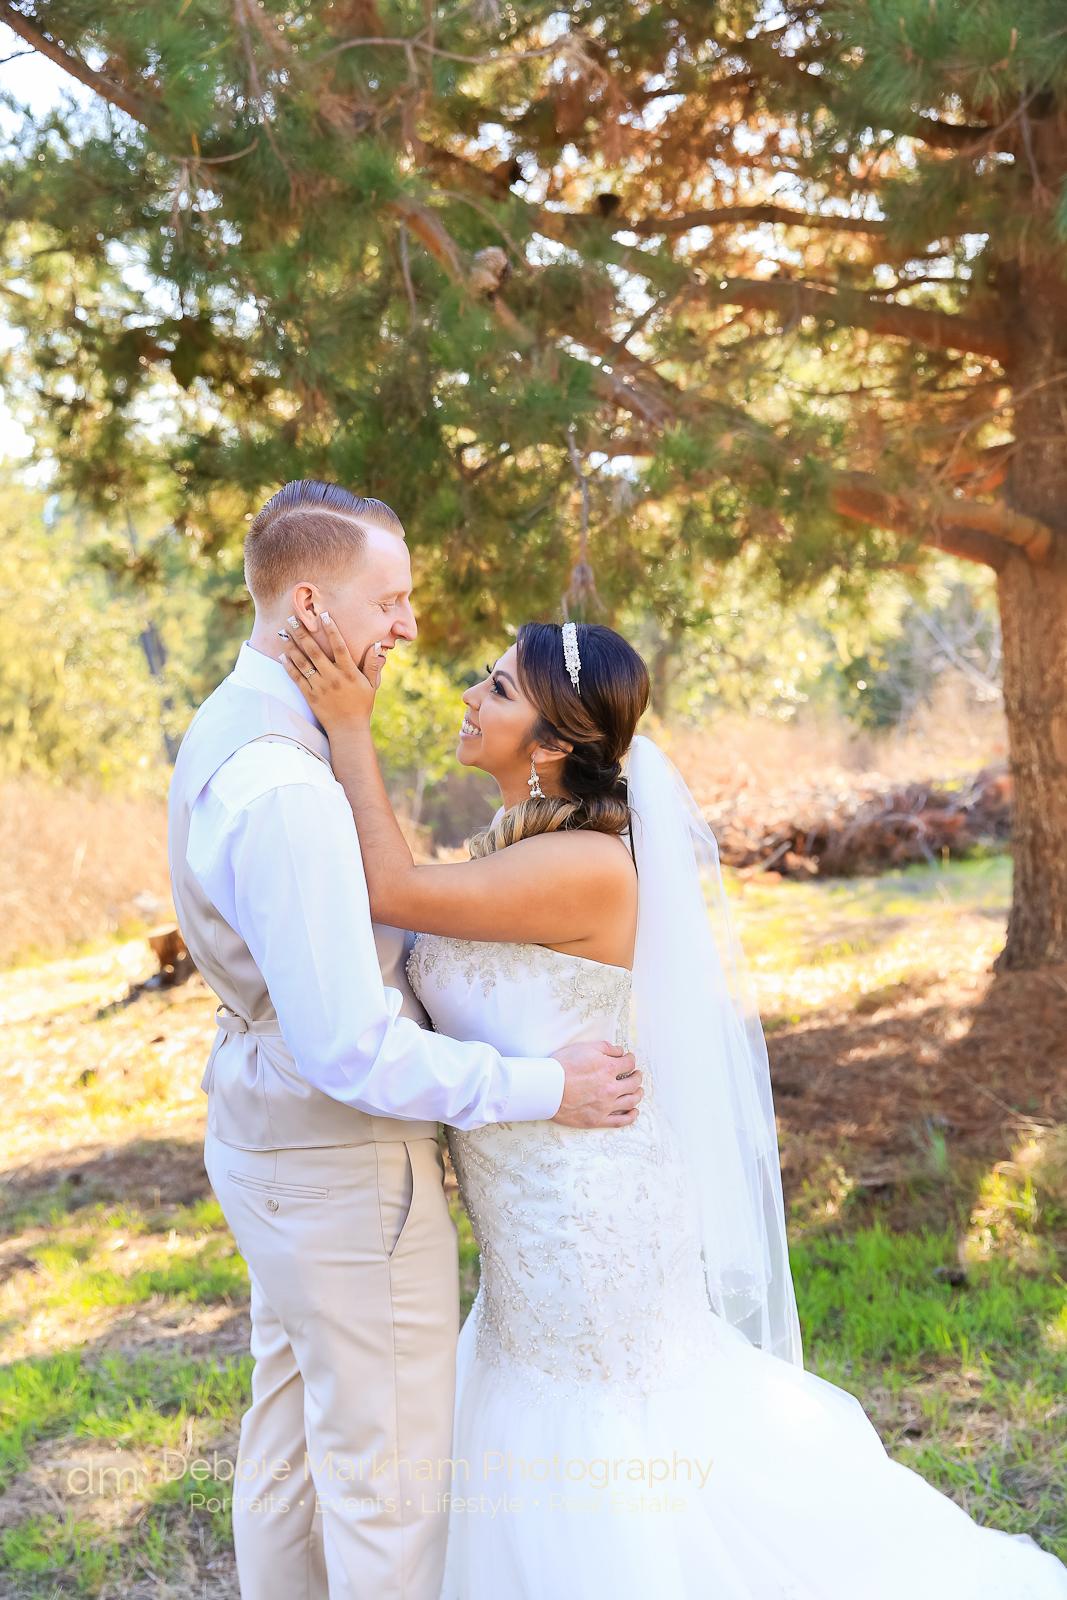 Cambria_Wedding_Photographer_Destination_Central Coast_California-1230